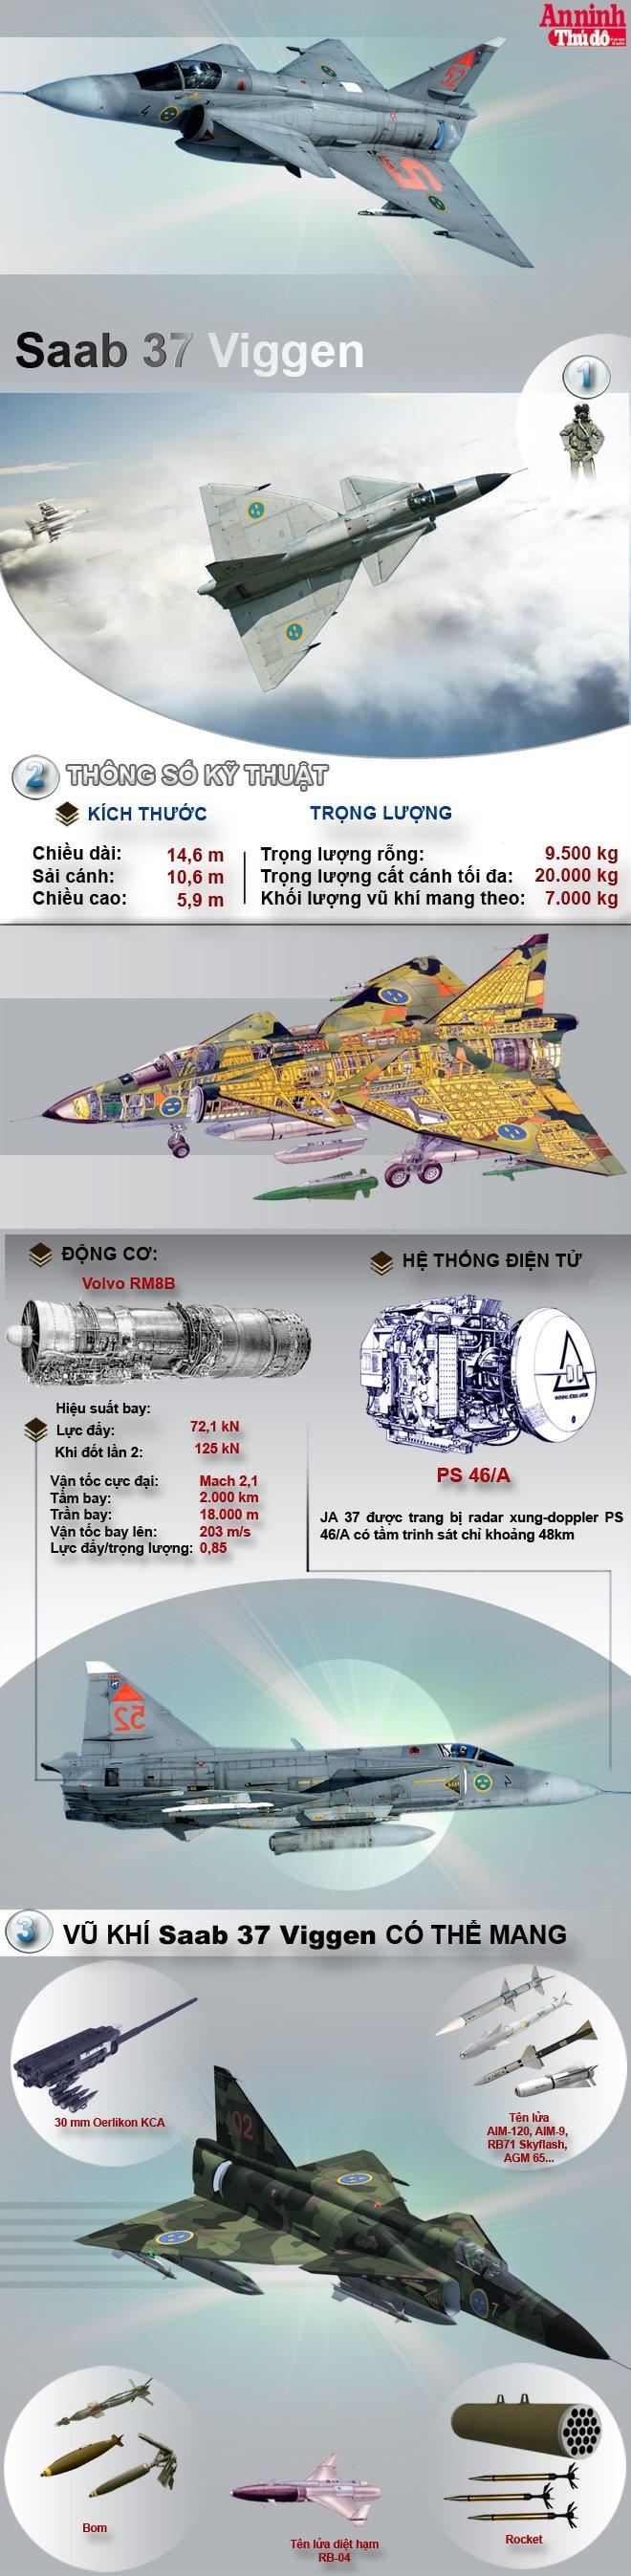 Saab 37 Viggen-Chiến binh mở đường cho chiến đấu cơ siêu cơ động ảnh 2